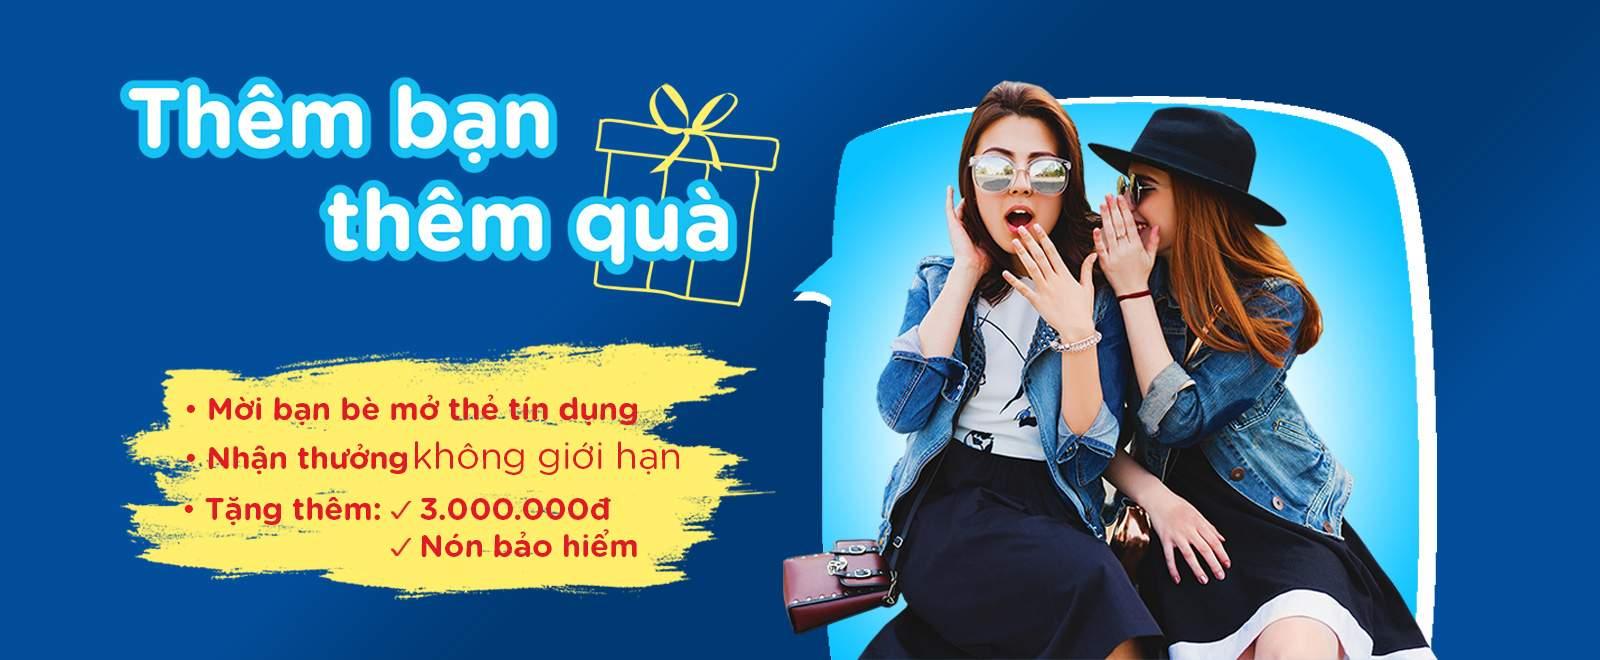 thebank_uu_dai_the_tin_dung_sacombank_2_1487910366